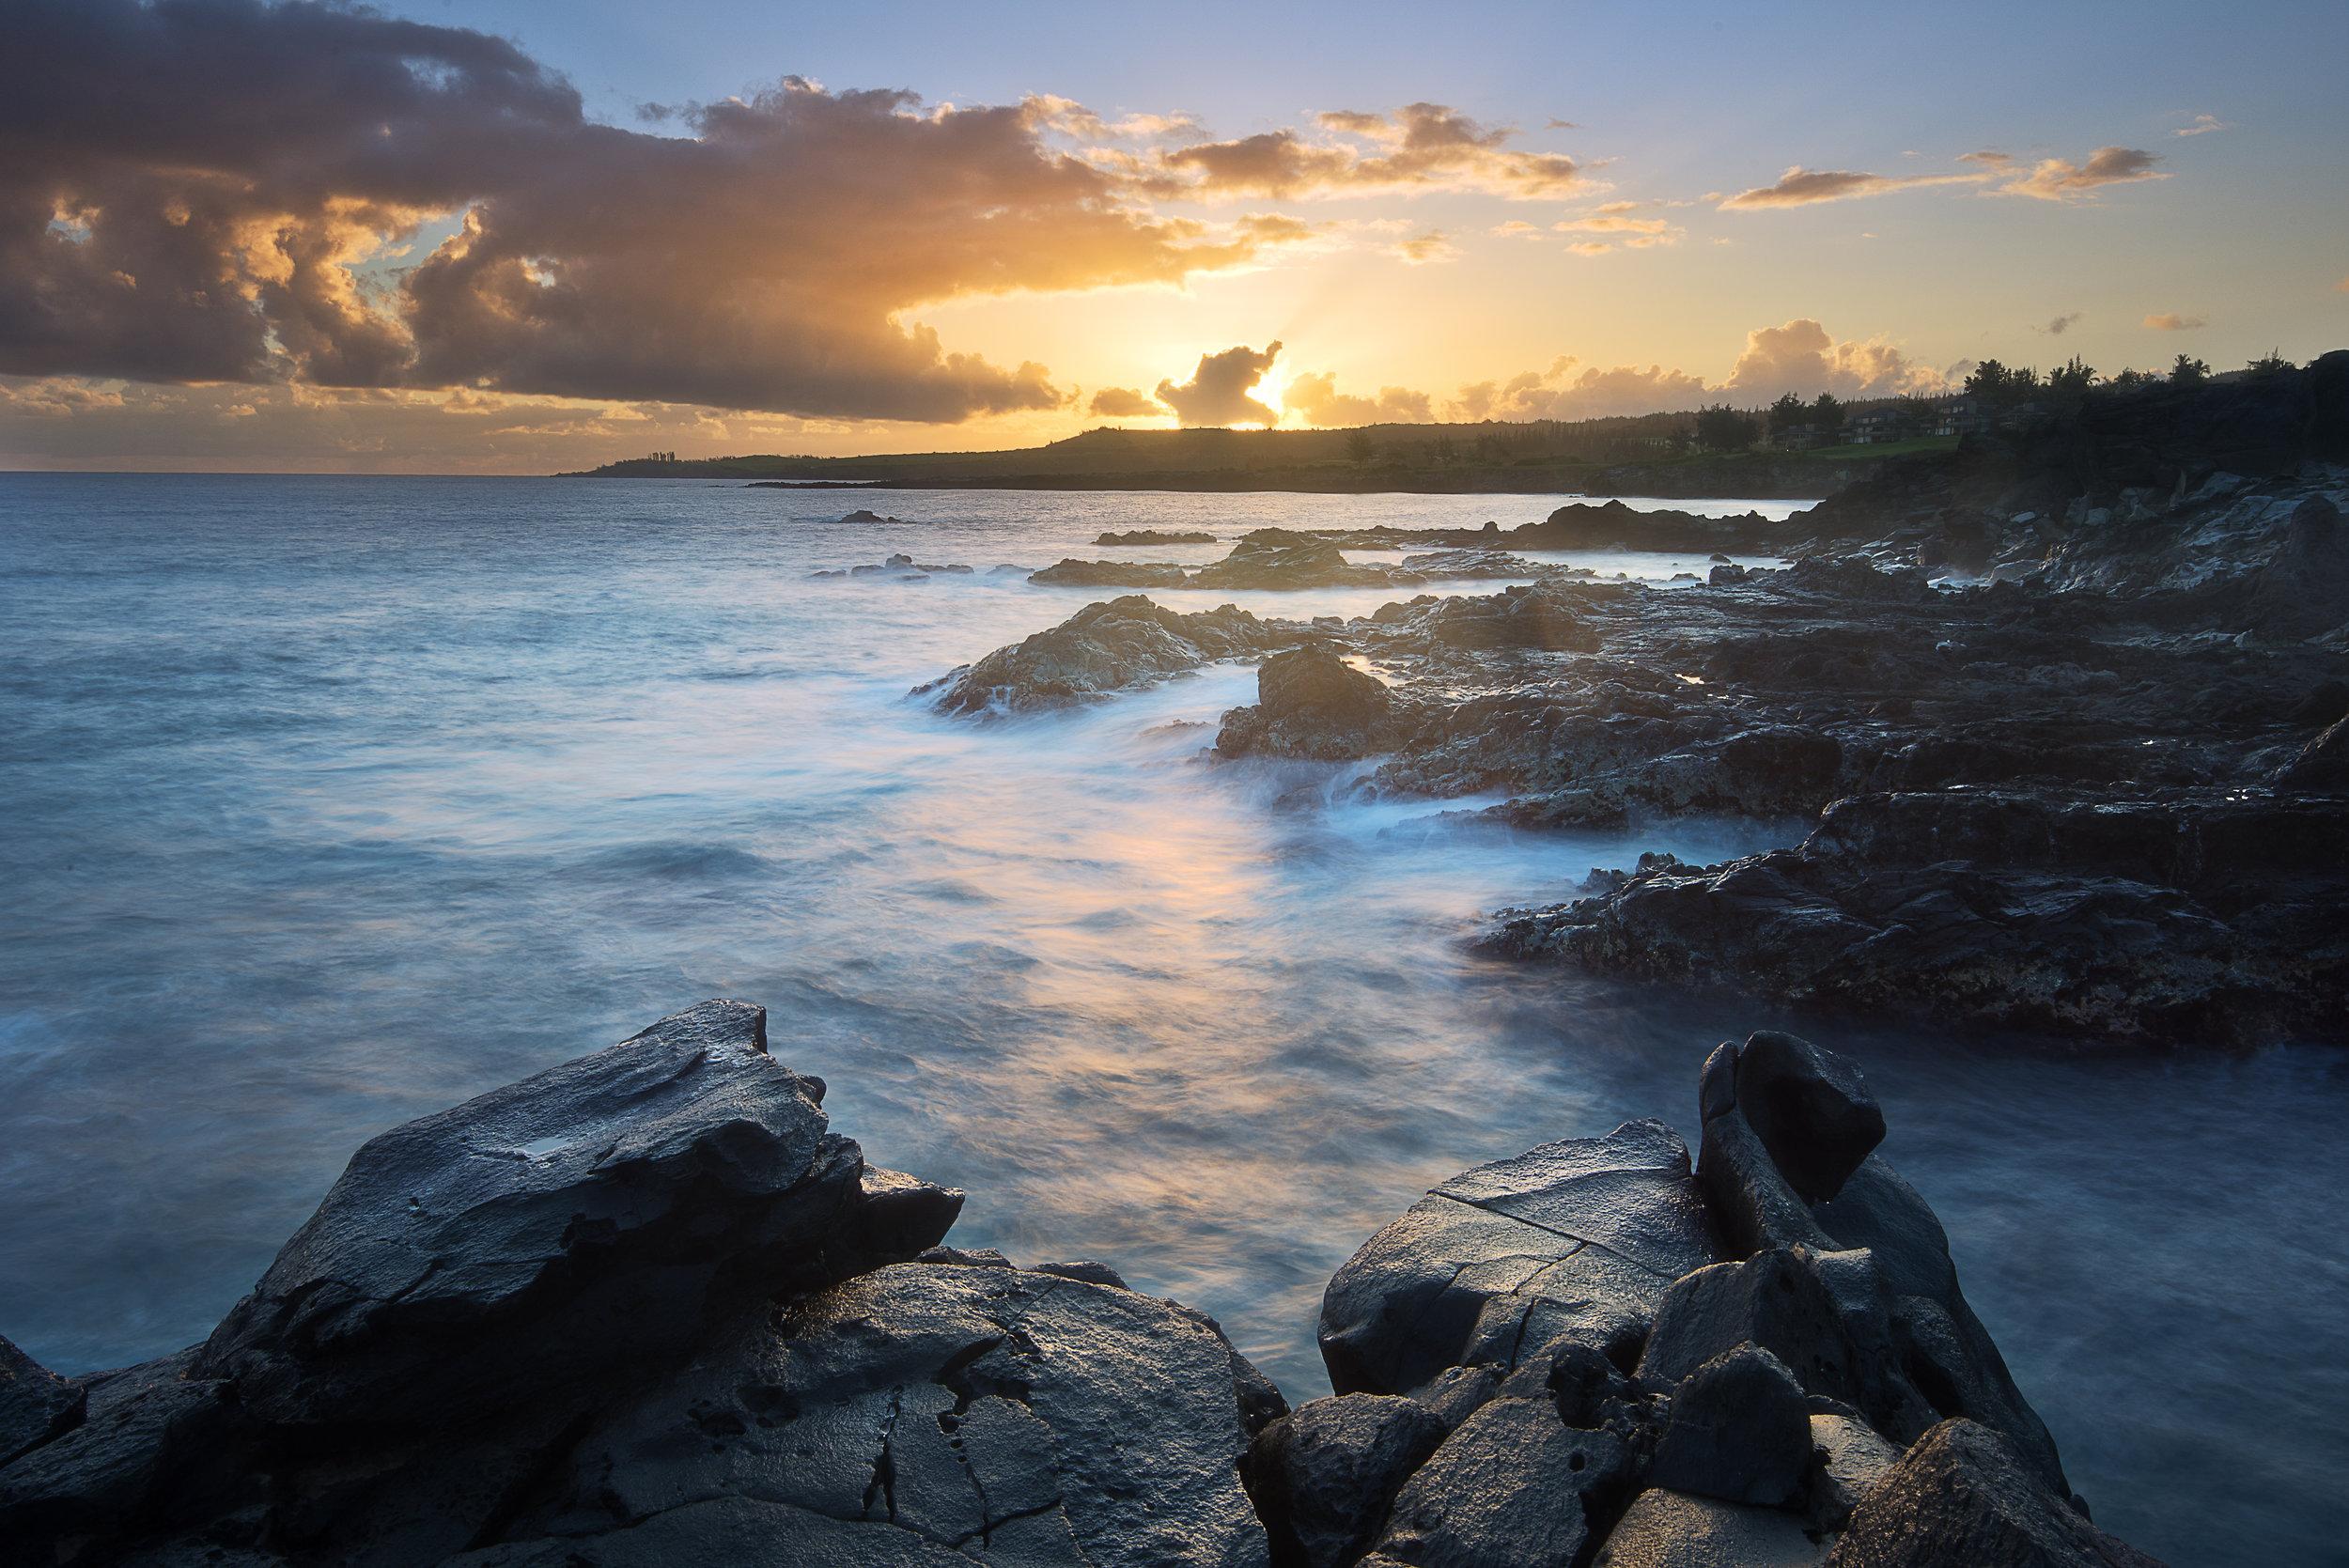 Sunrise at Kapalua, Maui